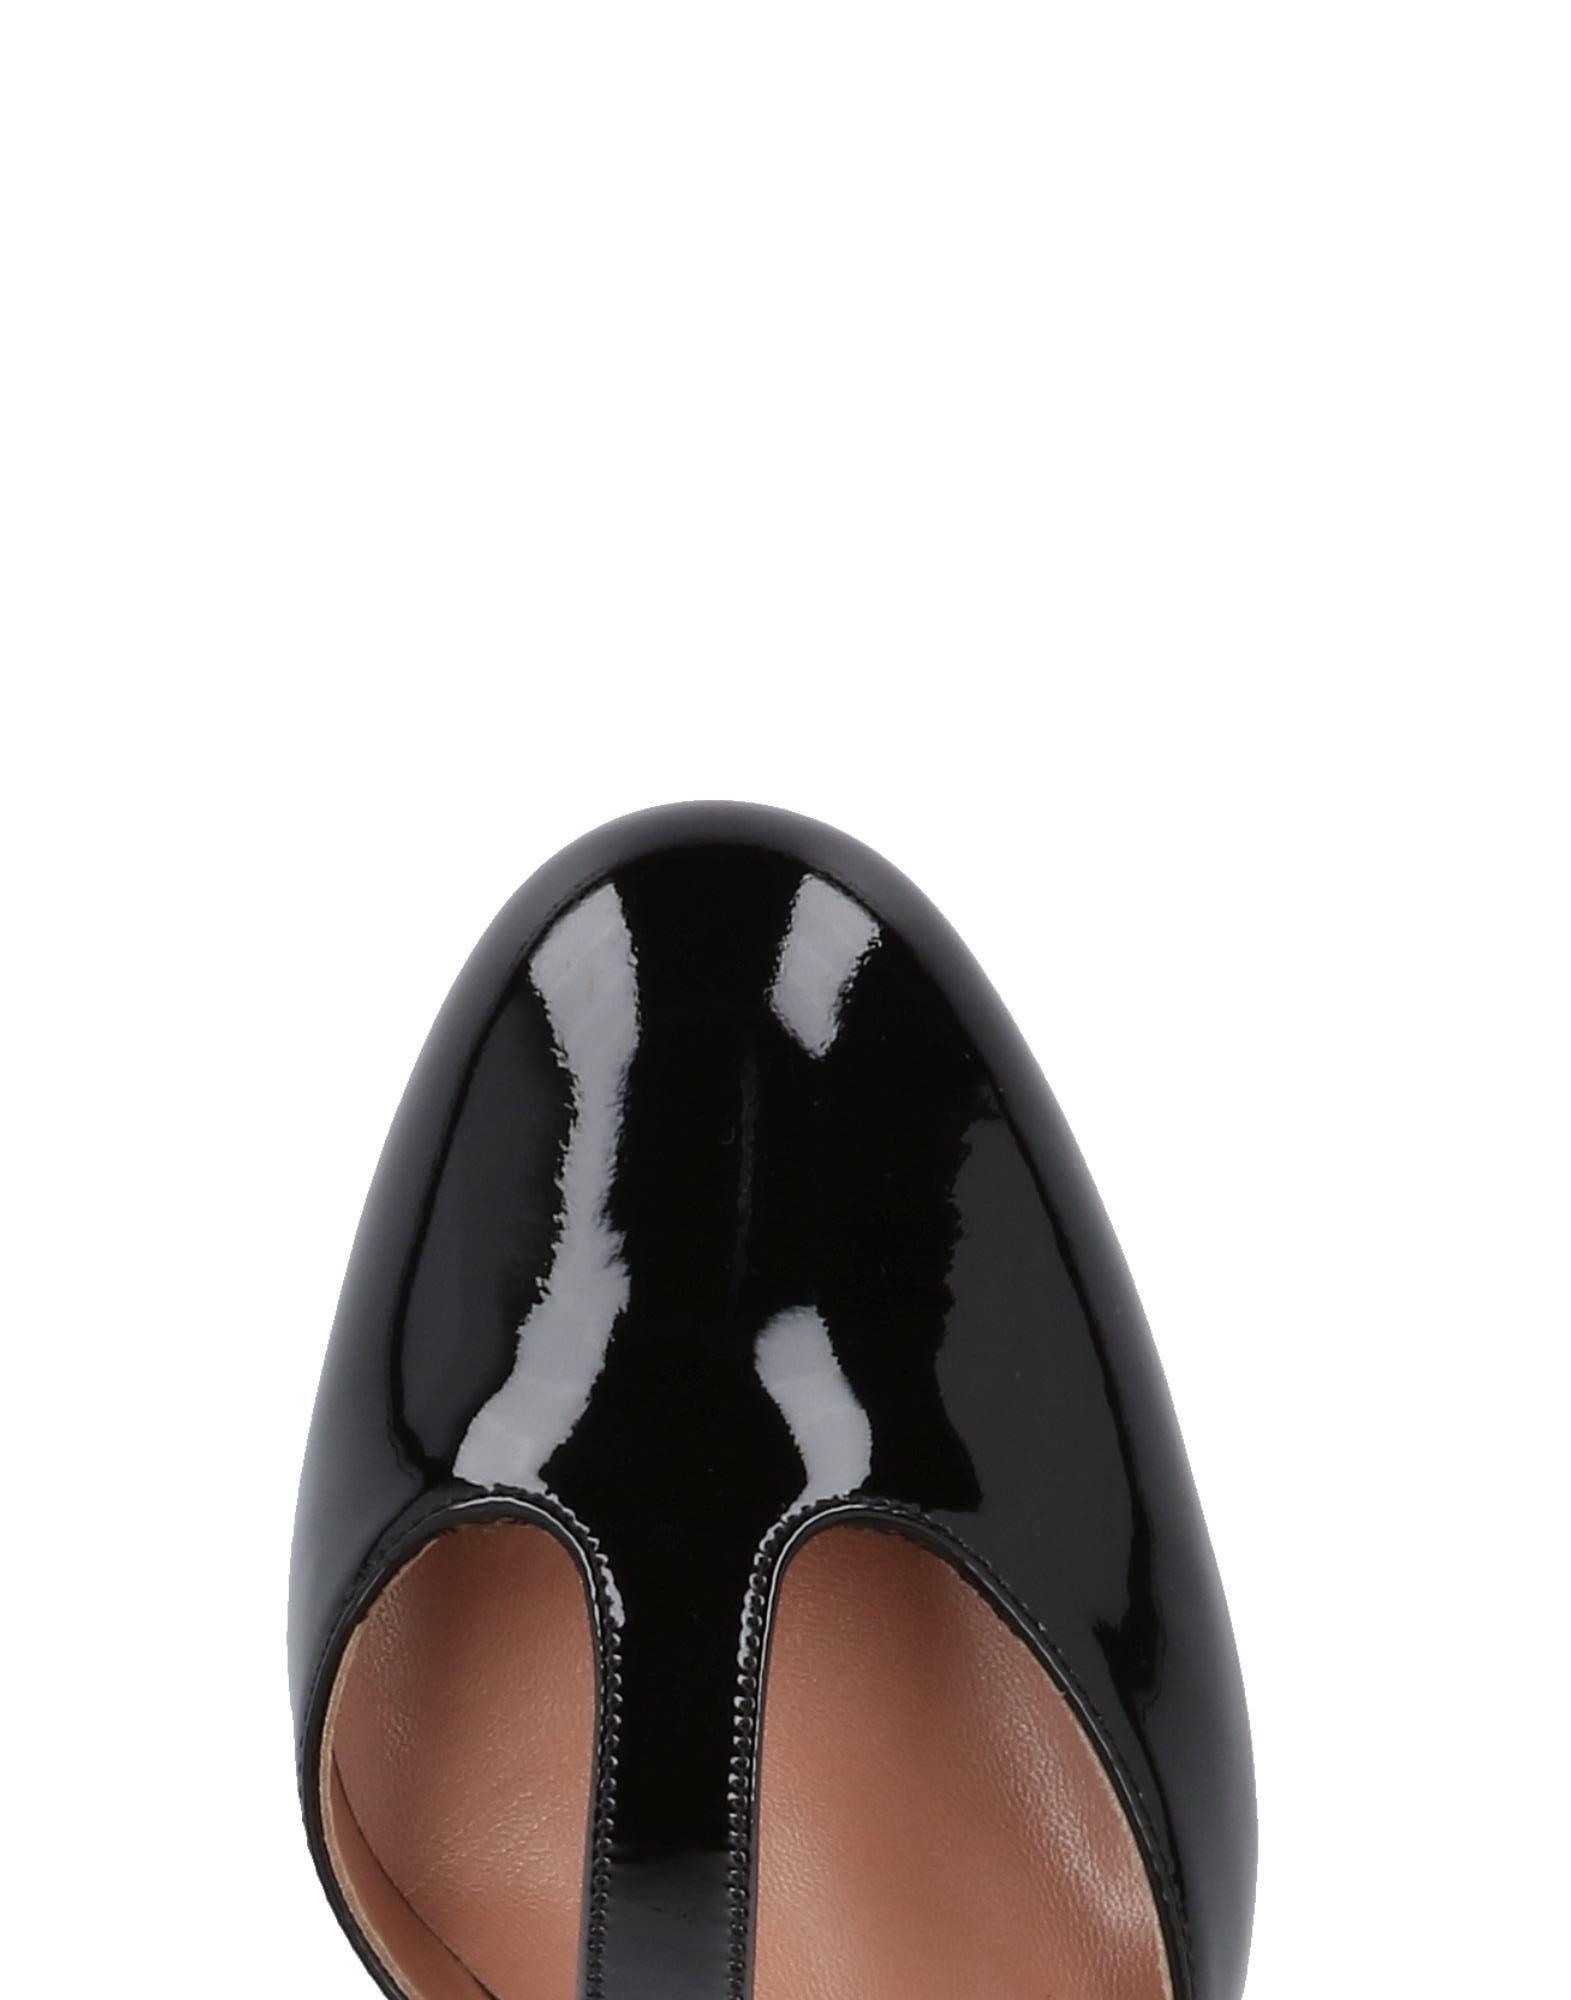 Rabatt Schuhe Pumps L' Autre Chose Pumps Schuhe Damen  11488502UK 180b71